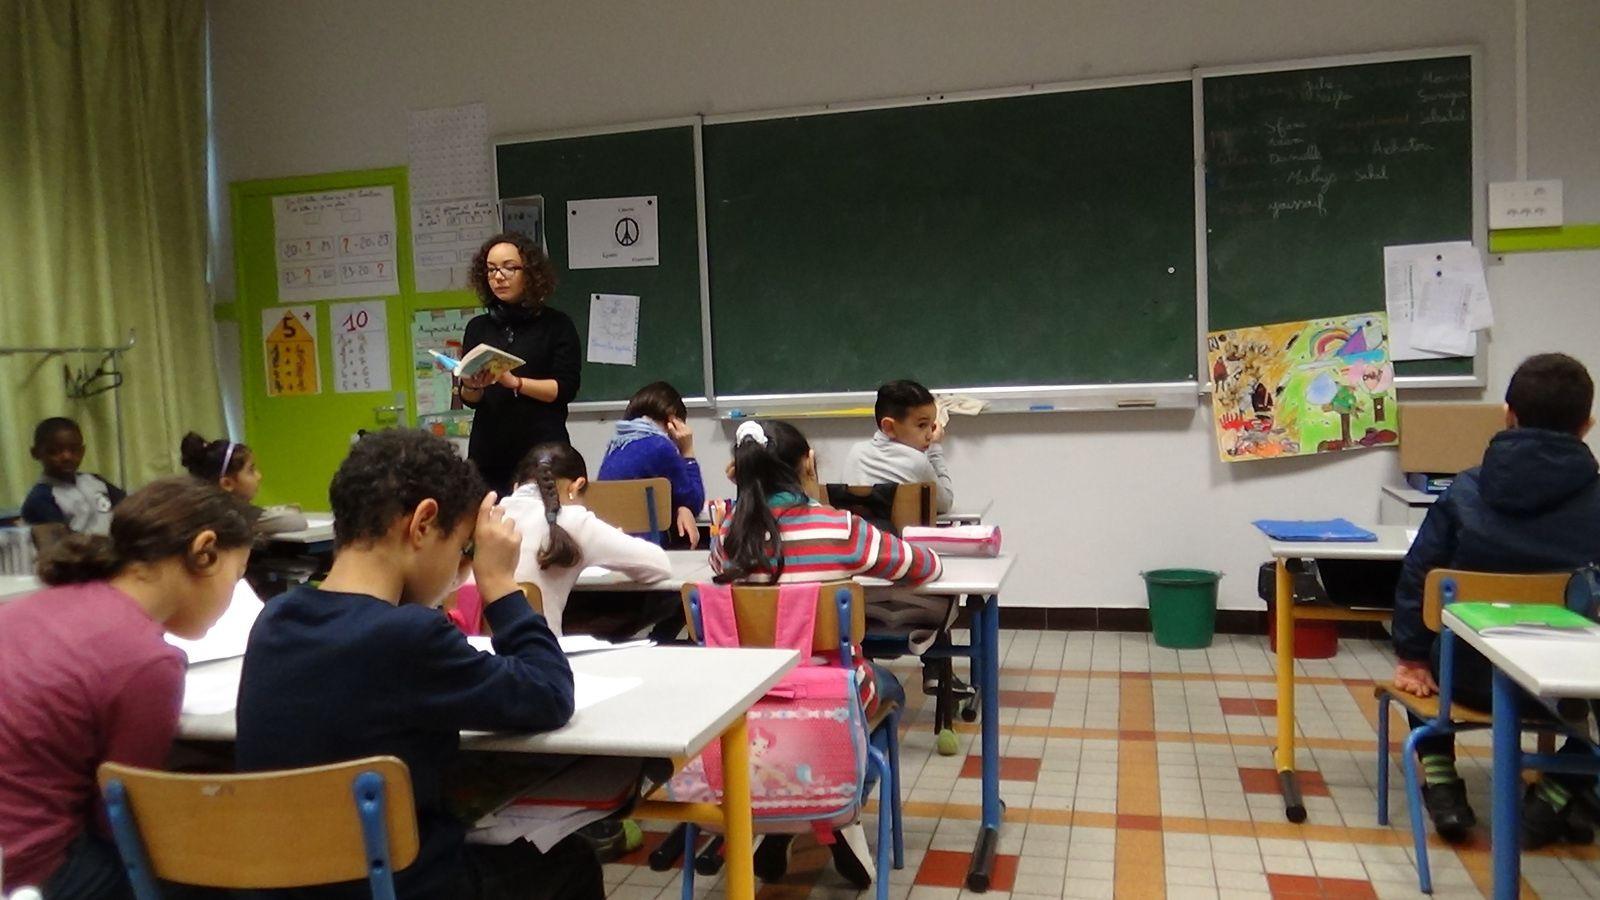 Rencontre avec les auteurs - entretien réalisé par les élèves de CE1 - CE2